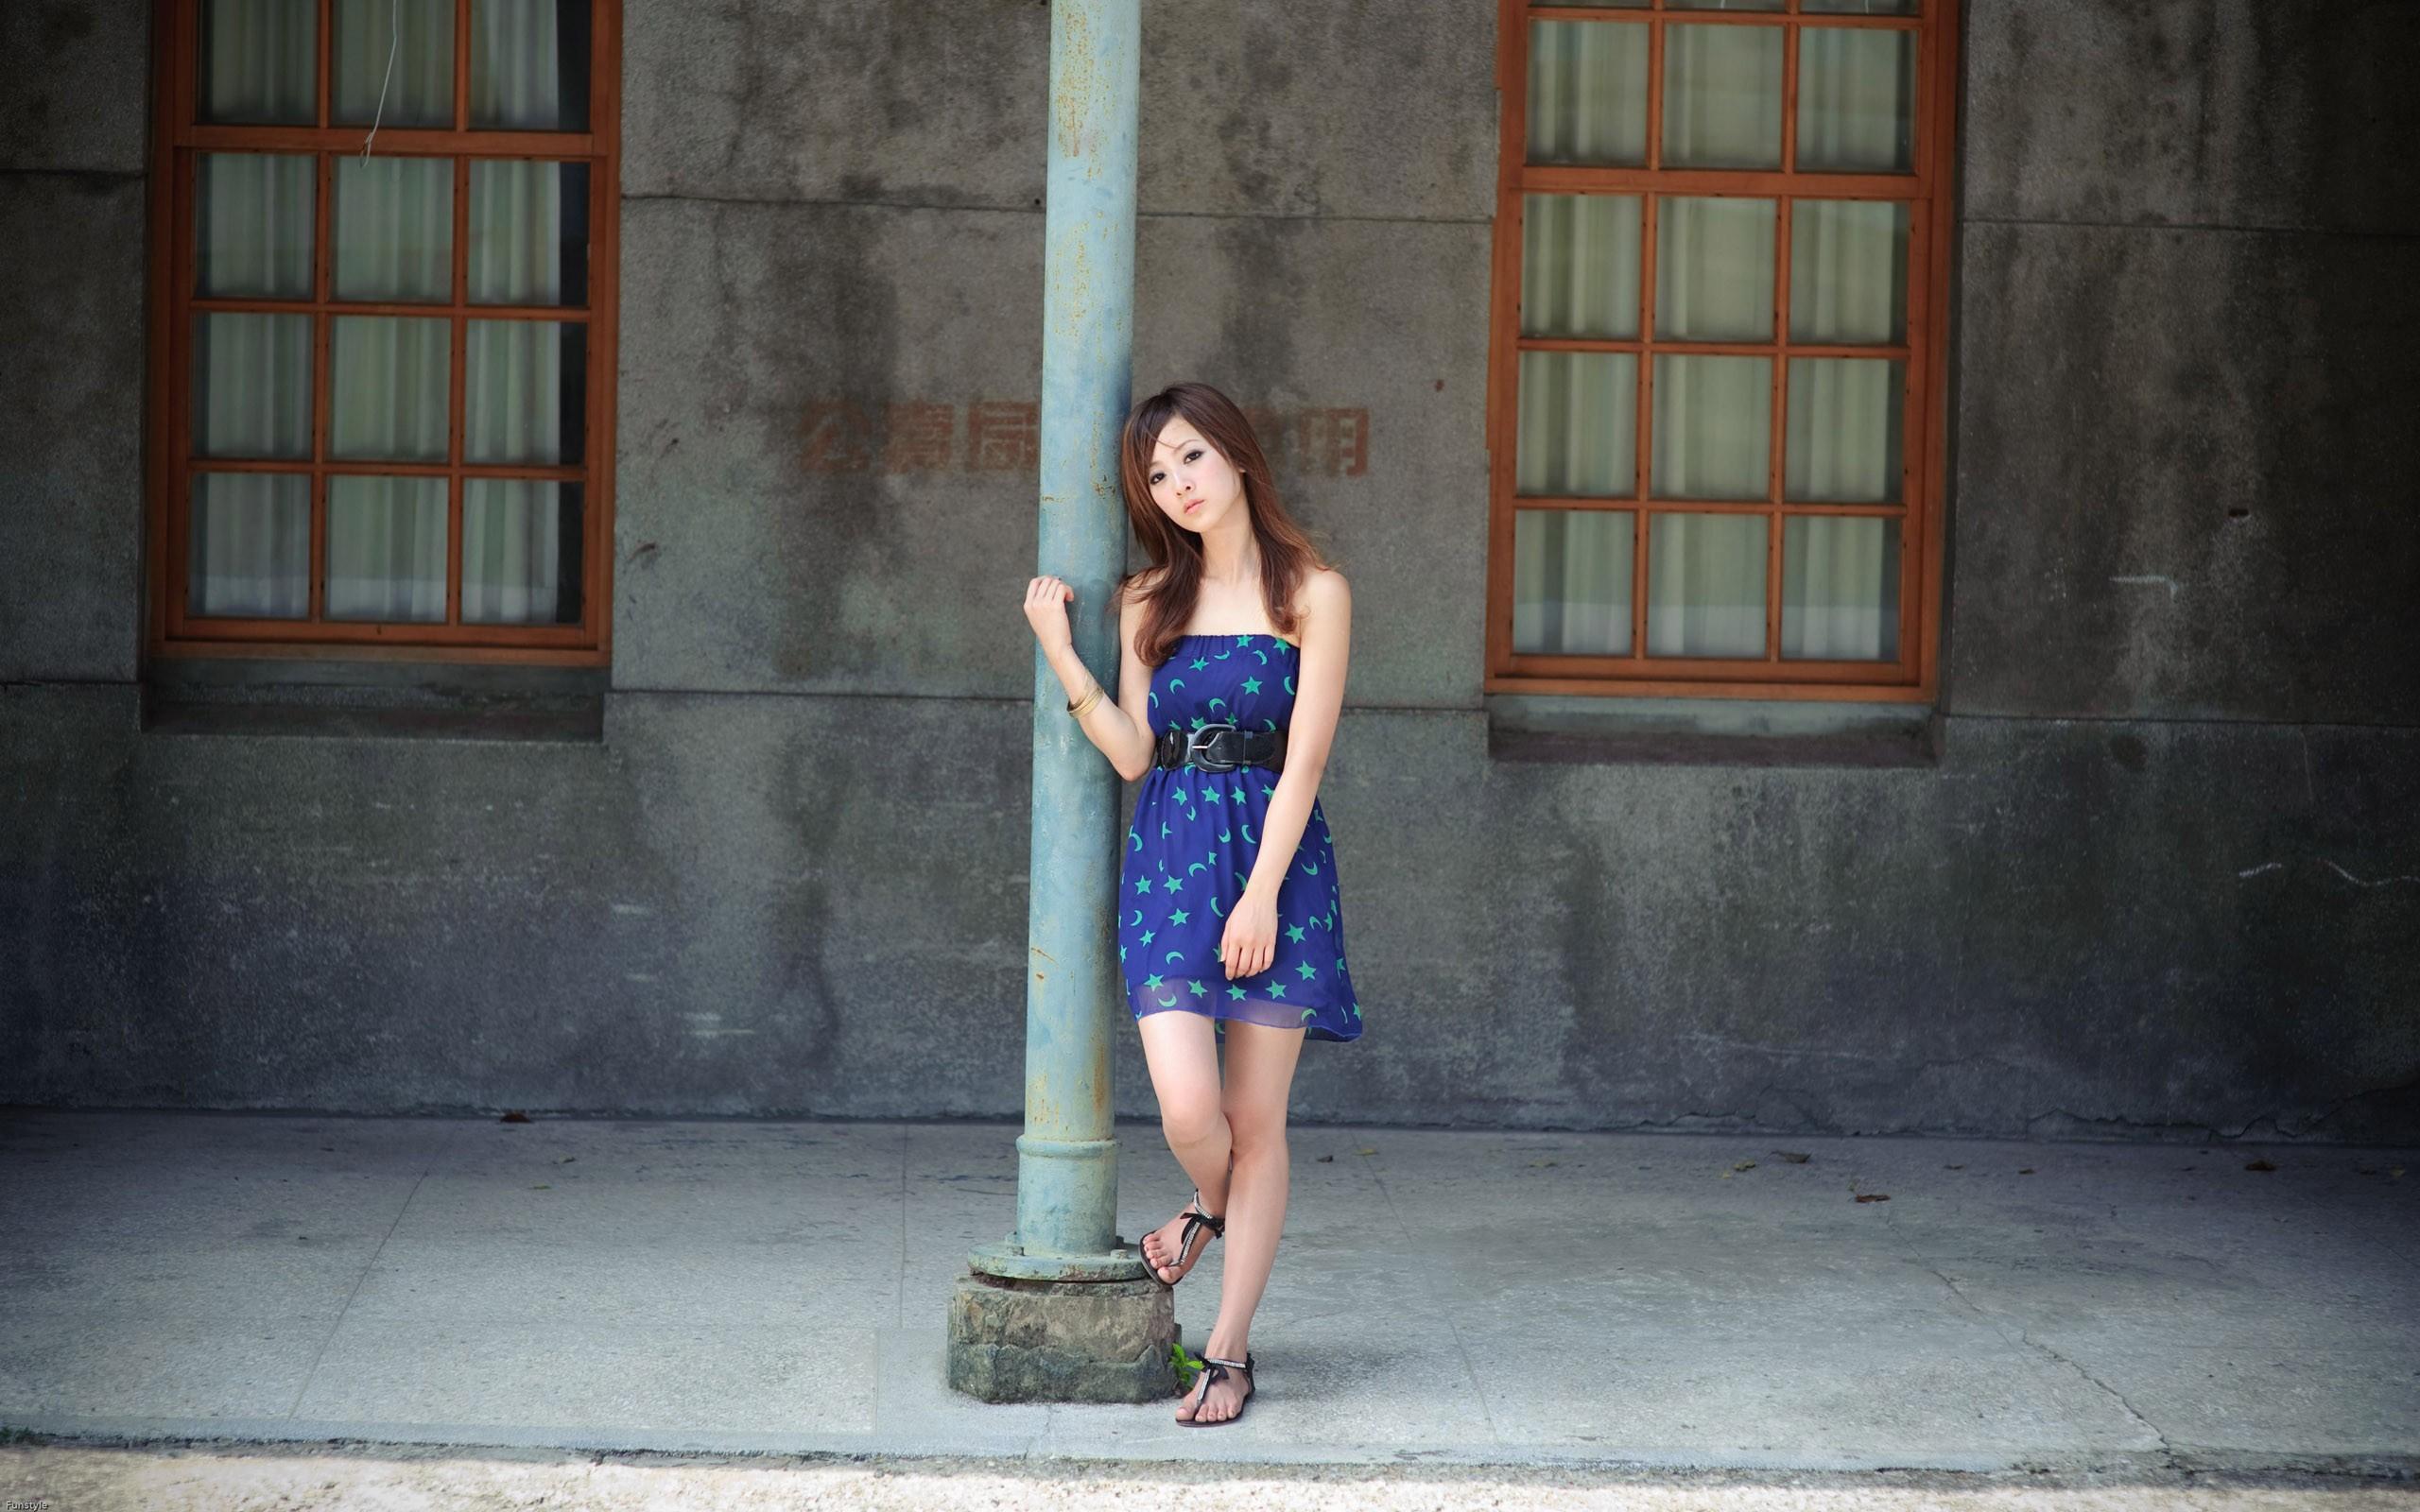 Фото девушек дома в платьях 12 фотография